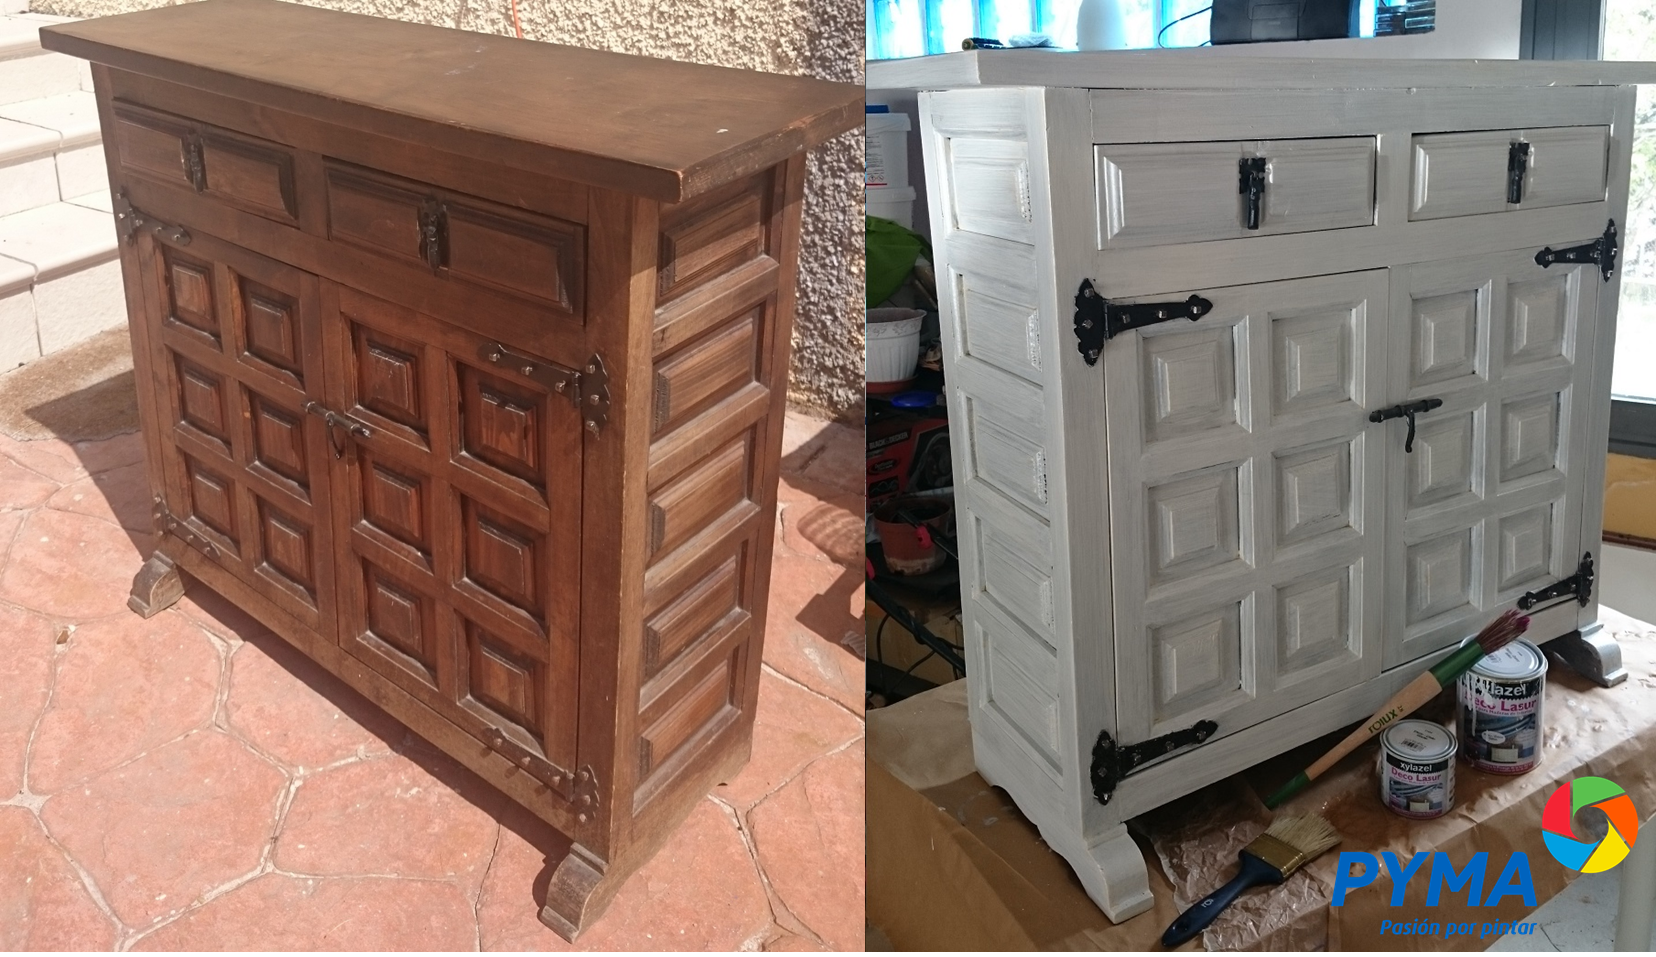 Diy restaurando un mueble de madera antiguo - Restaurar un mueble barnizado ...